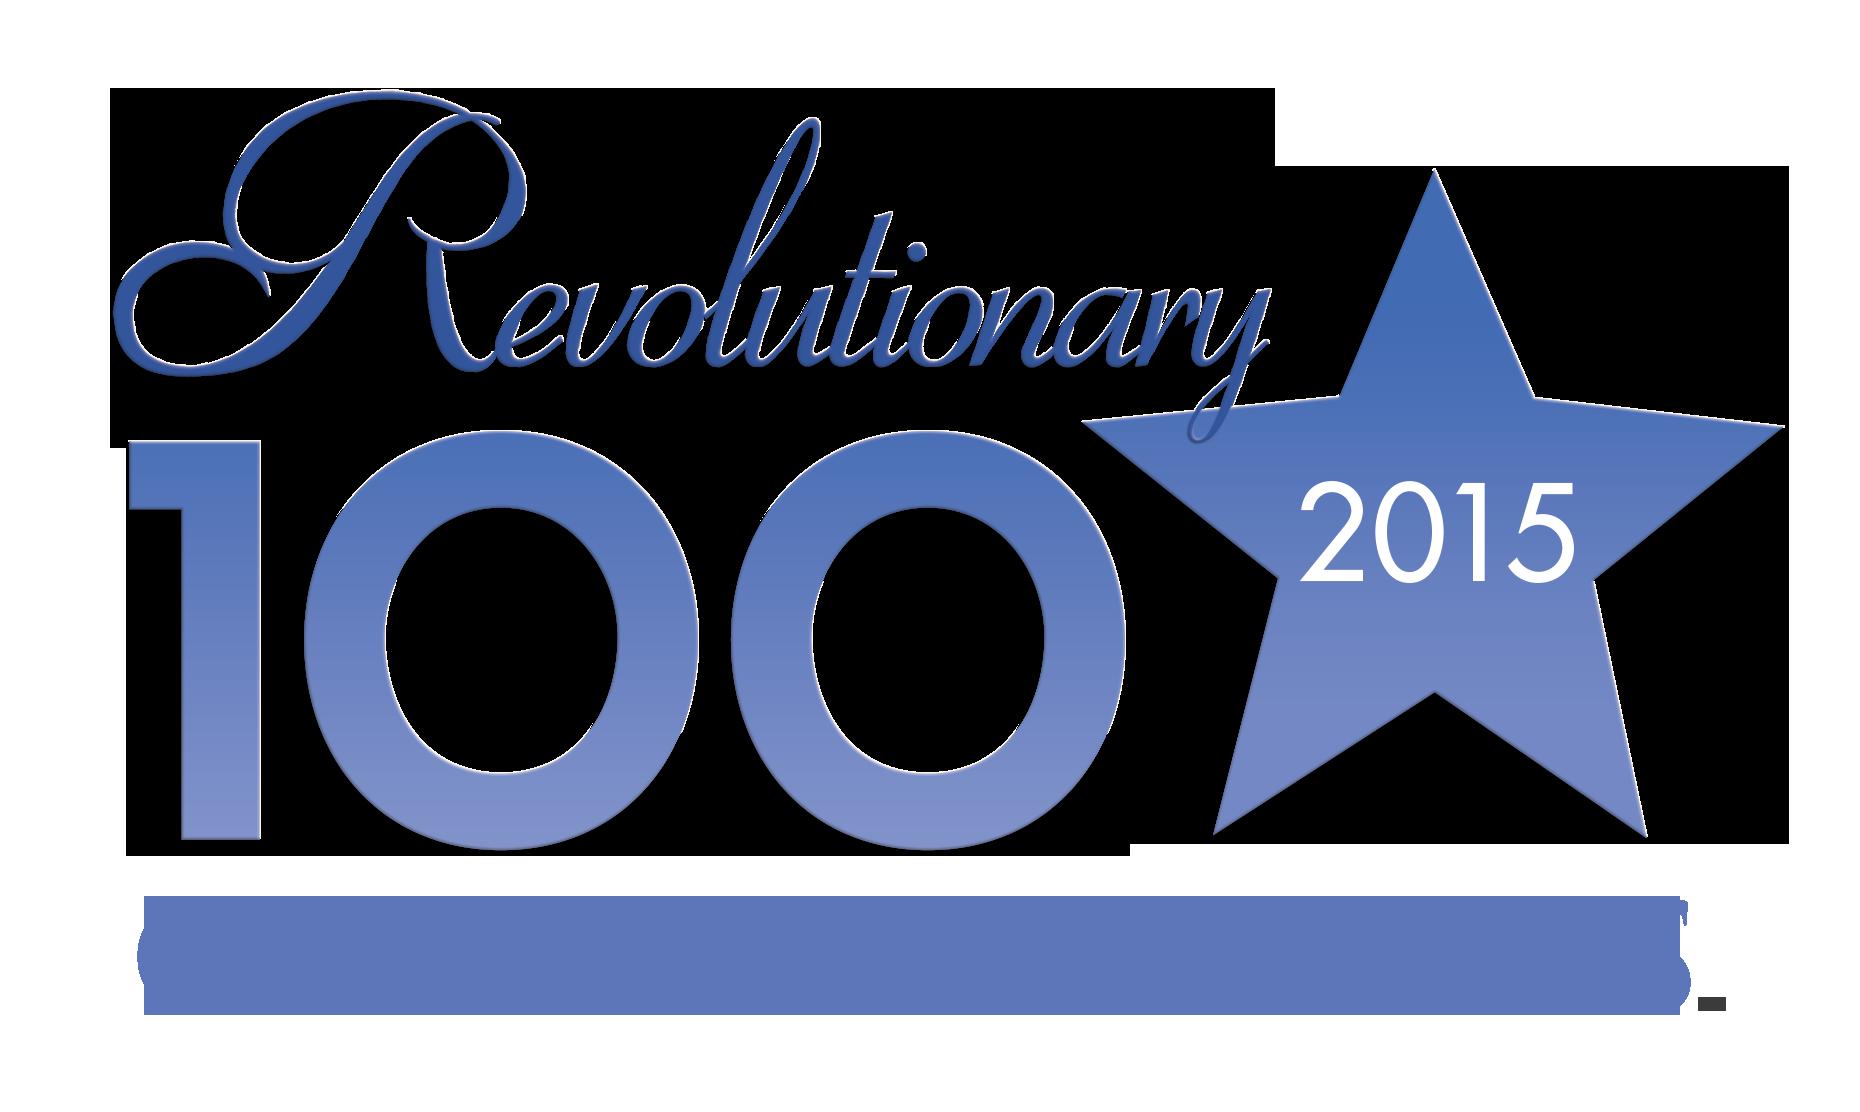 TGC-Revolutionary-100-logo-Transparent-Background1